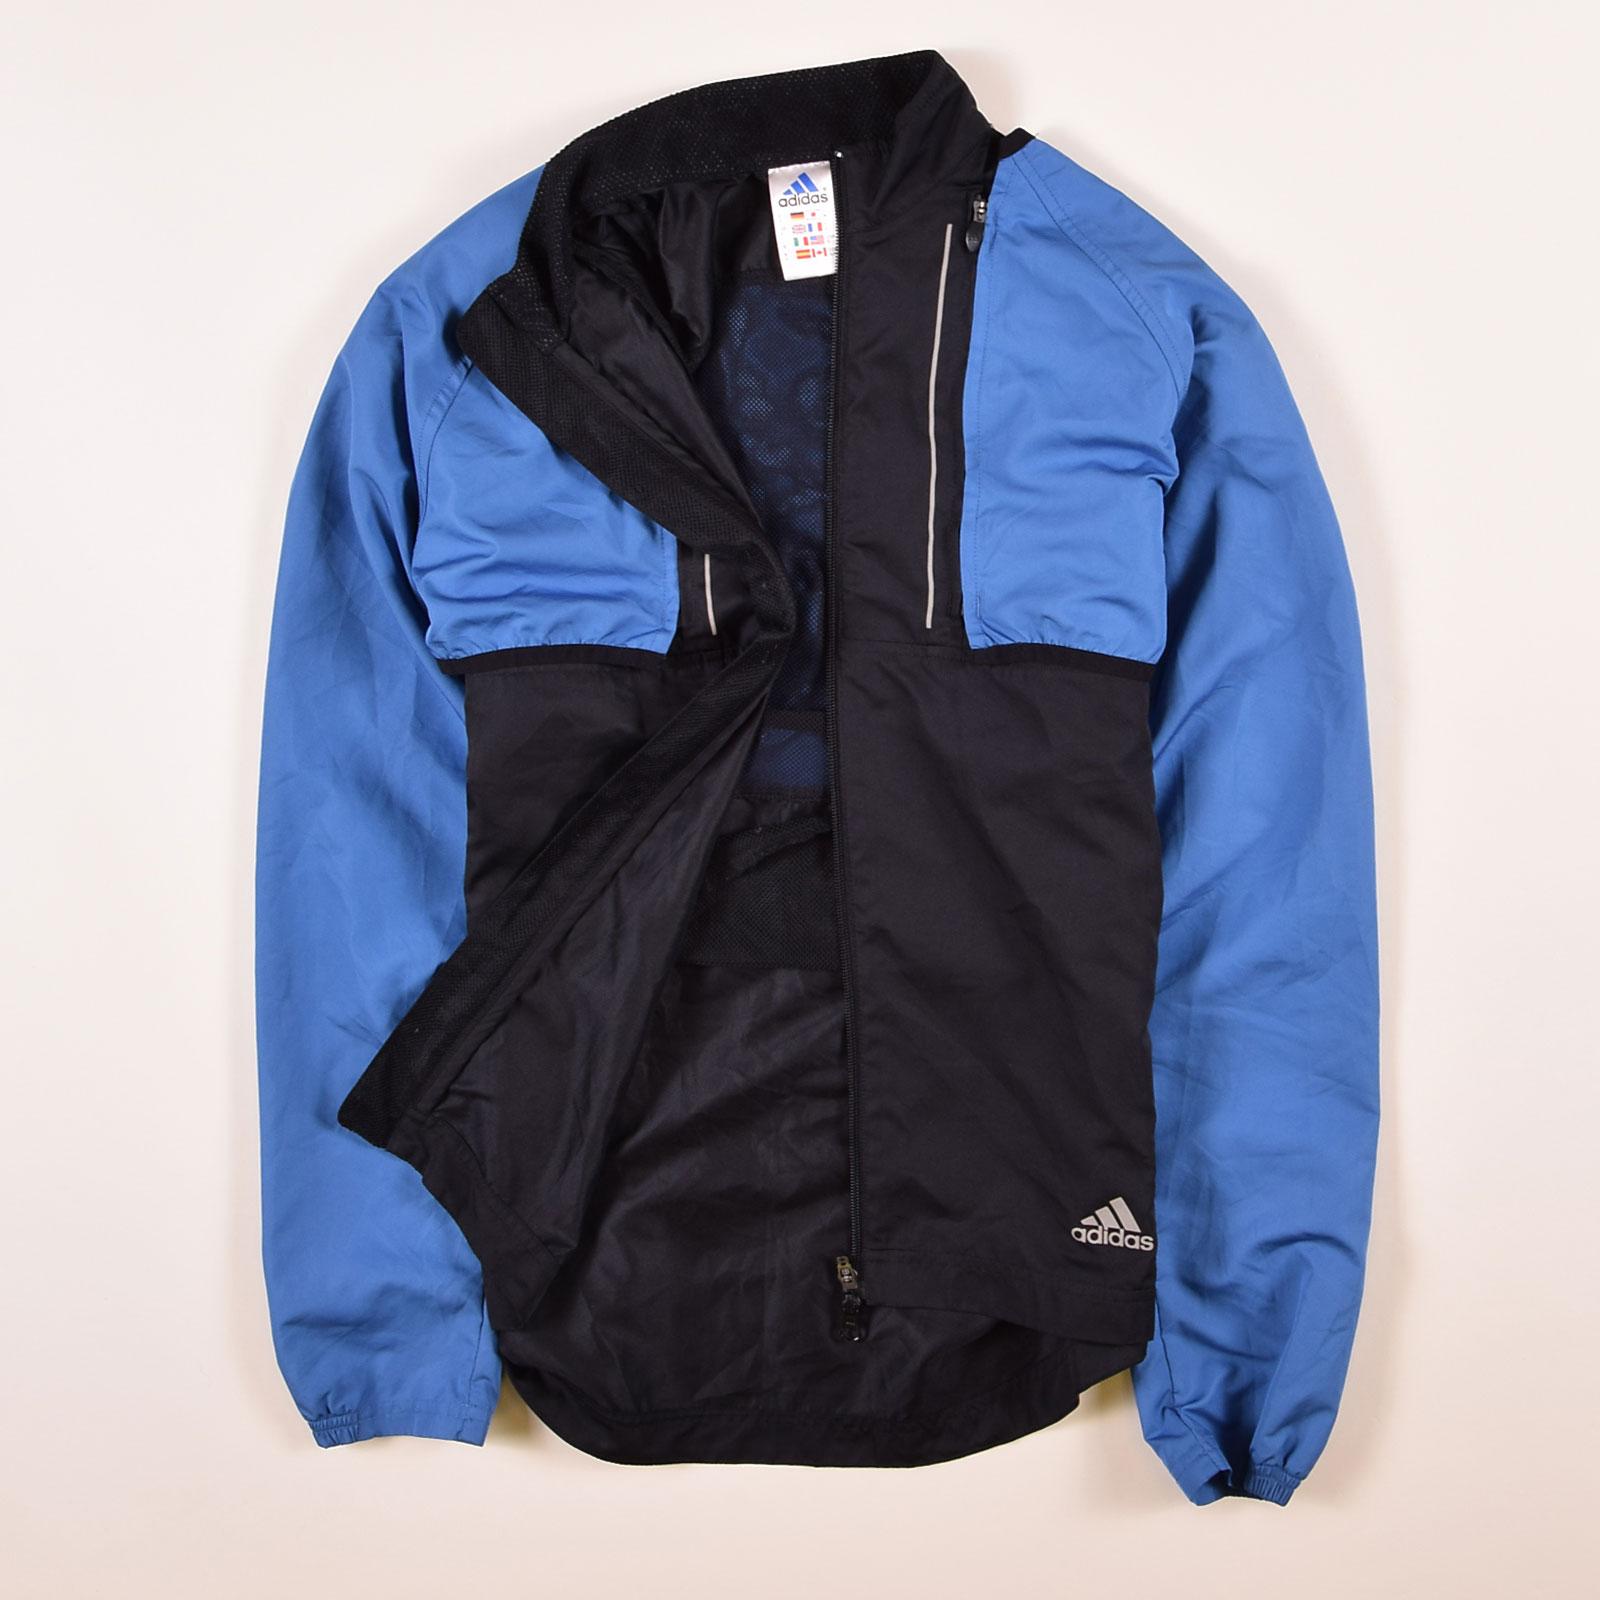 Adidas Jacke Gr. s in Brandenburg Oranienburg | eBay